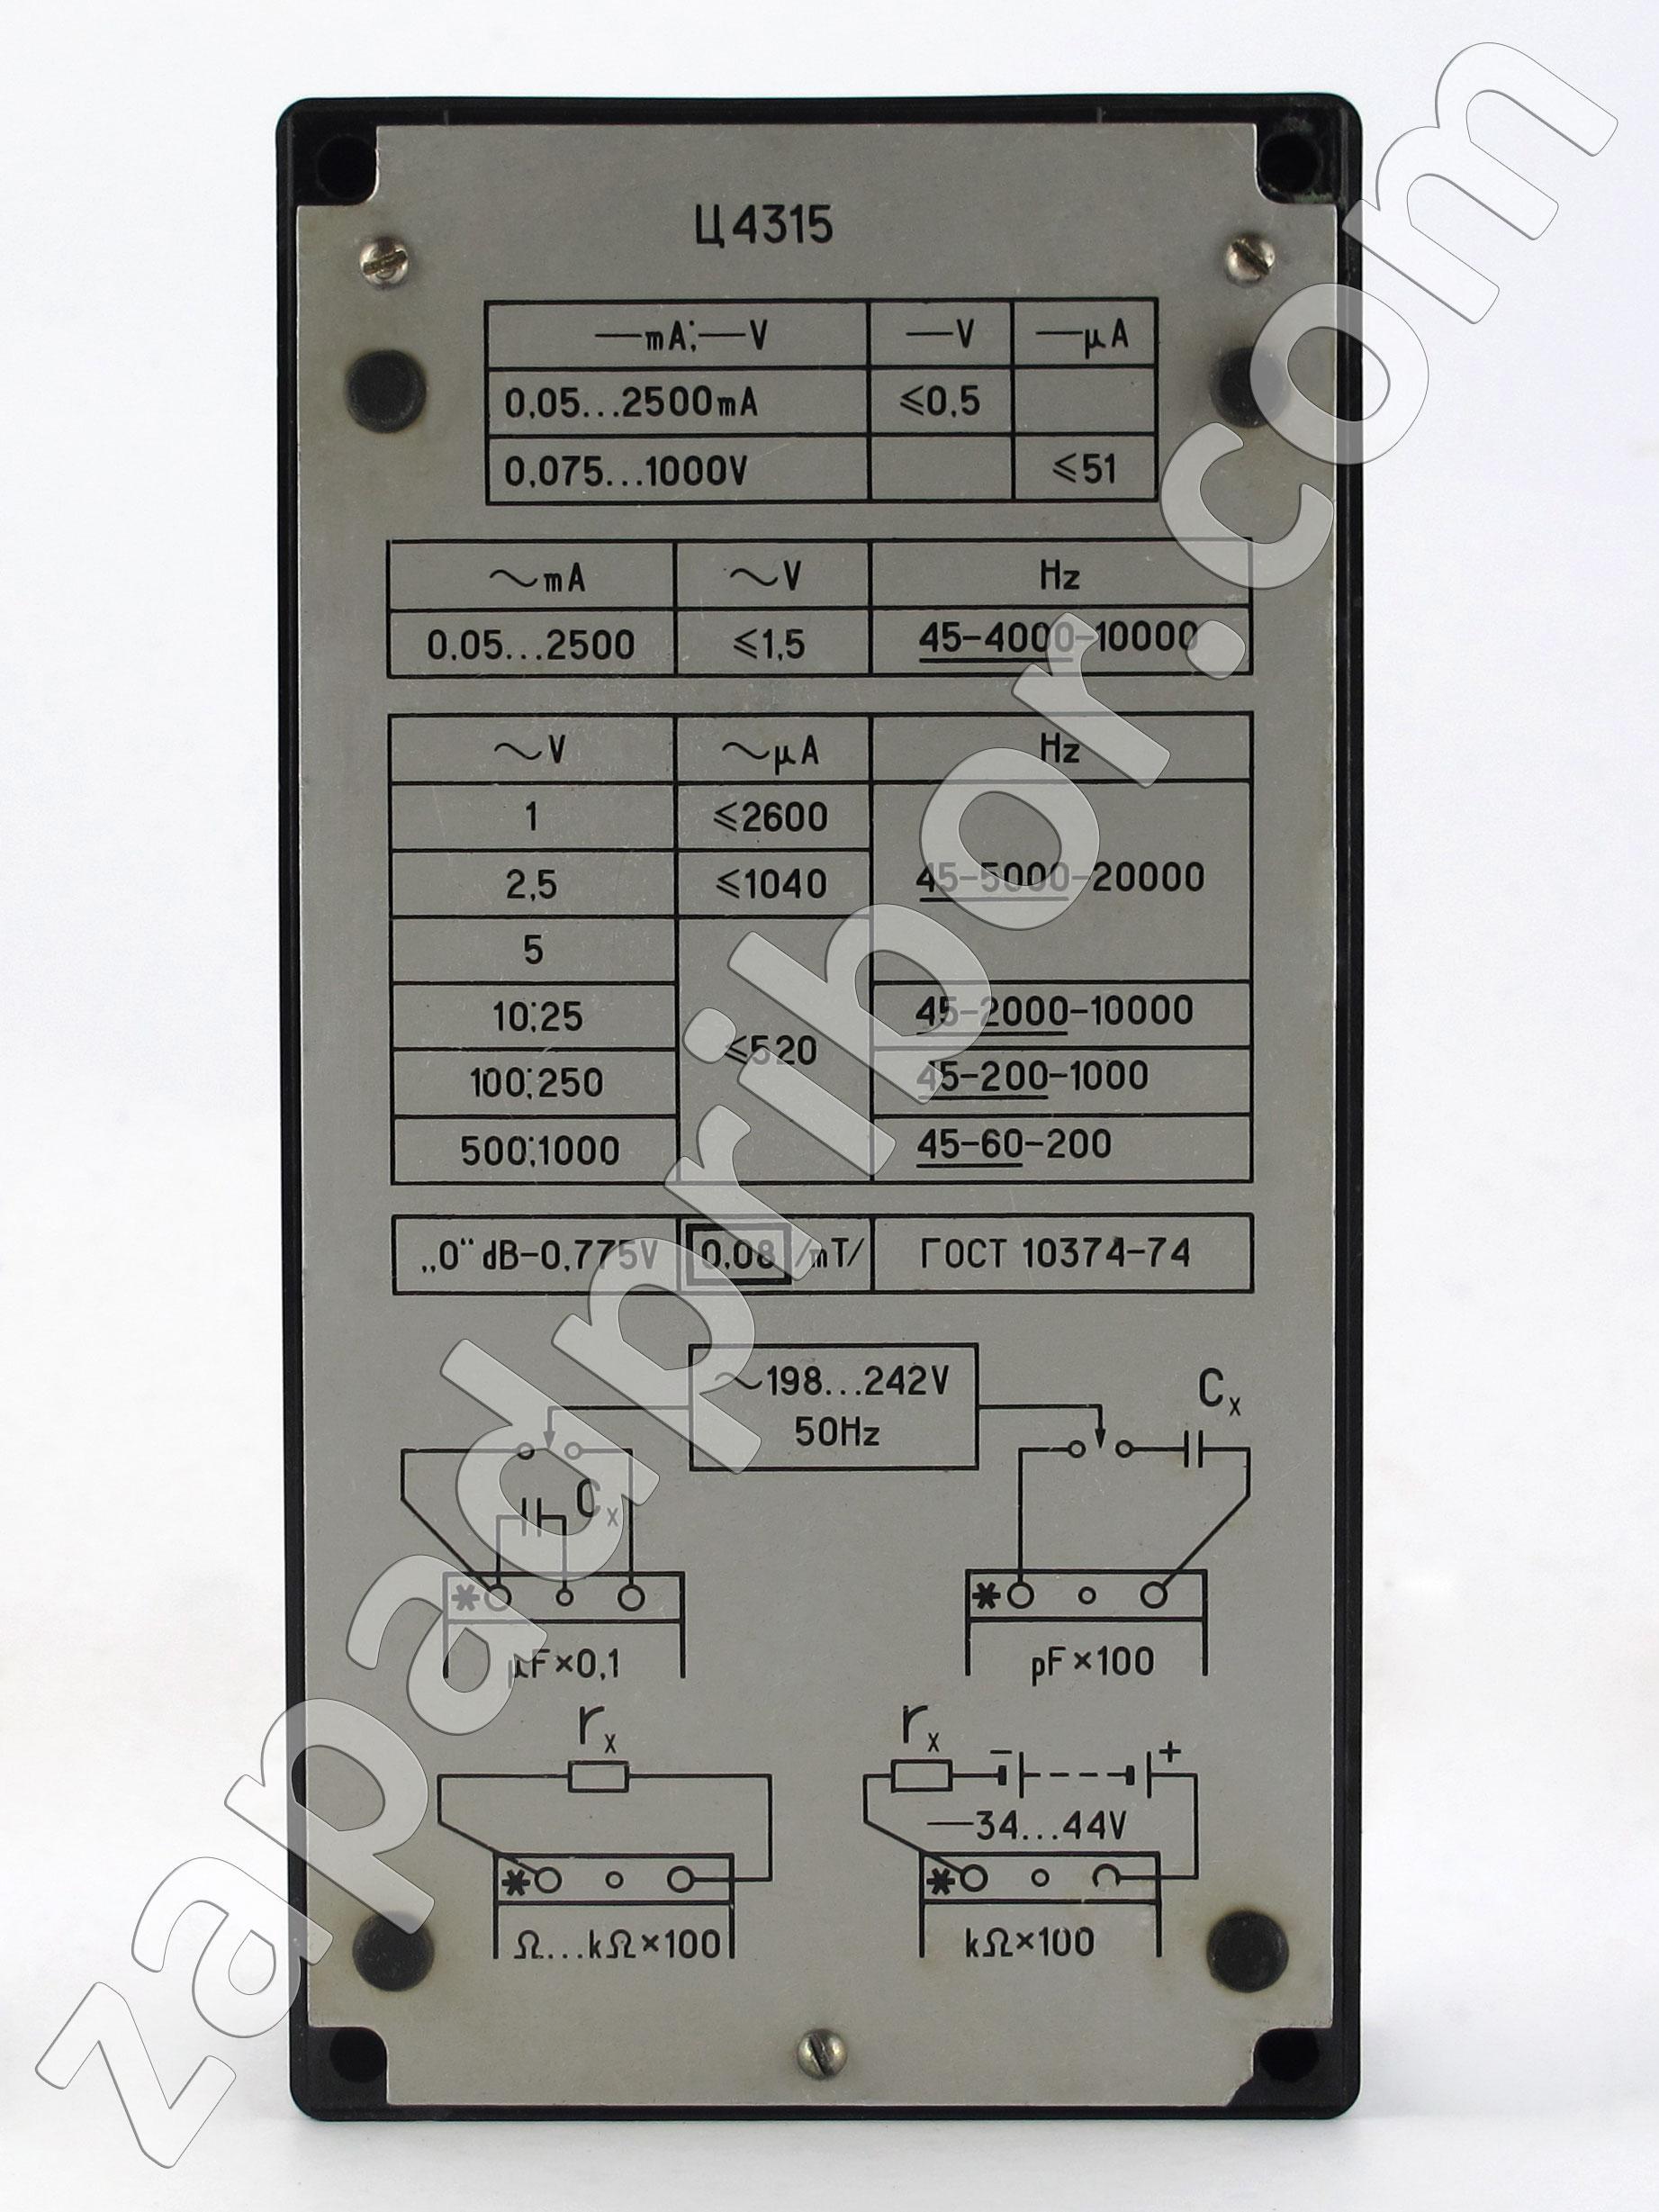 инструкция по использованию нутромера индикаторного фото